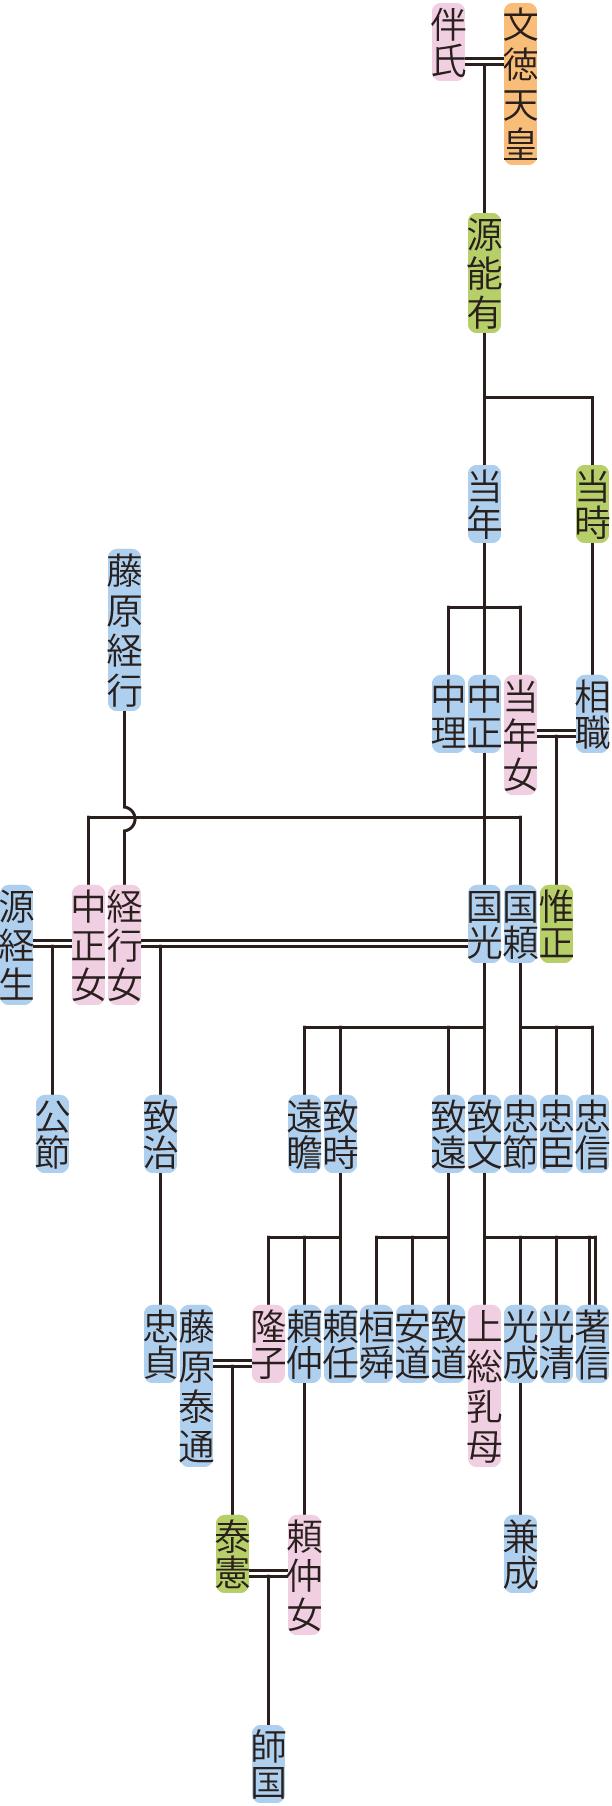 源当年の系図